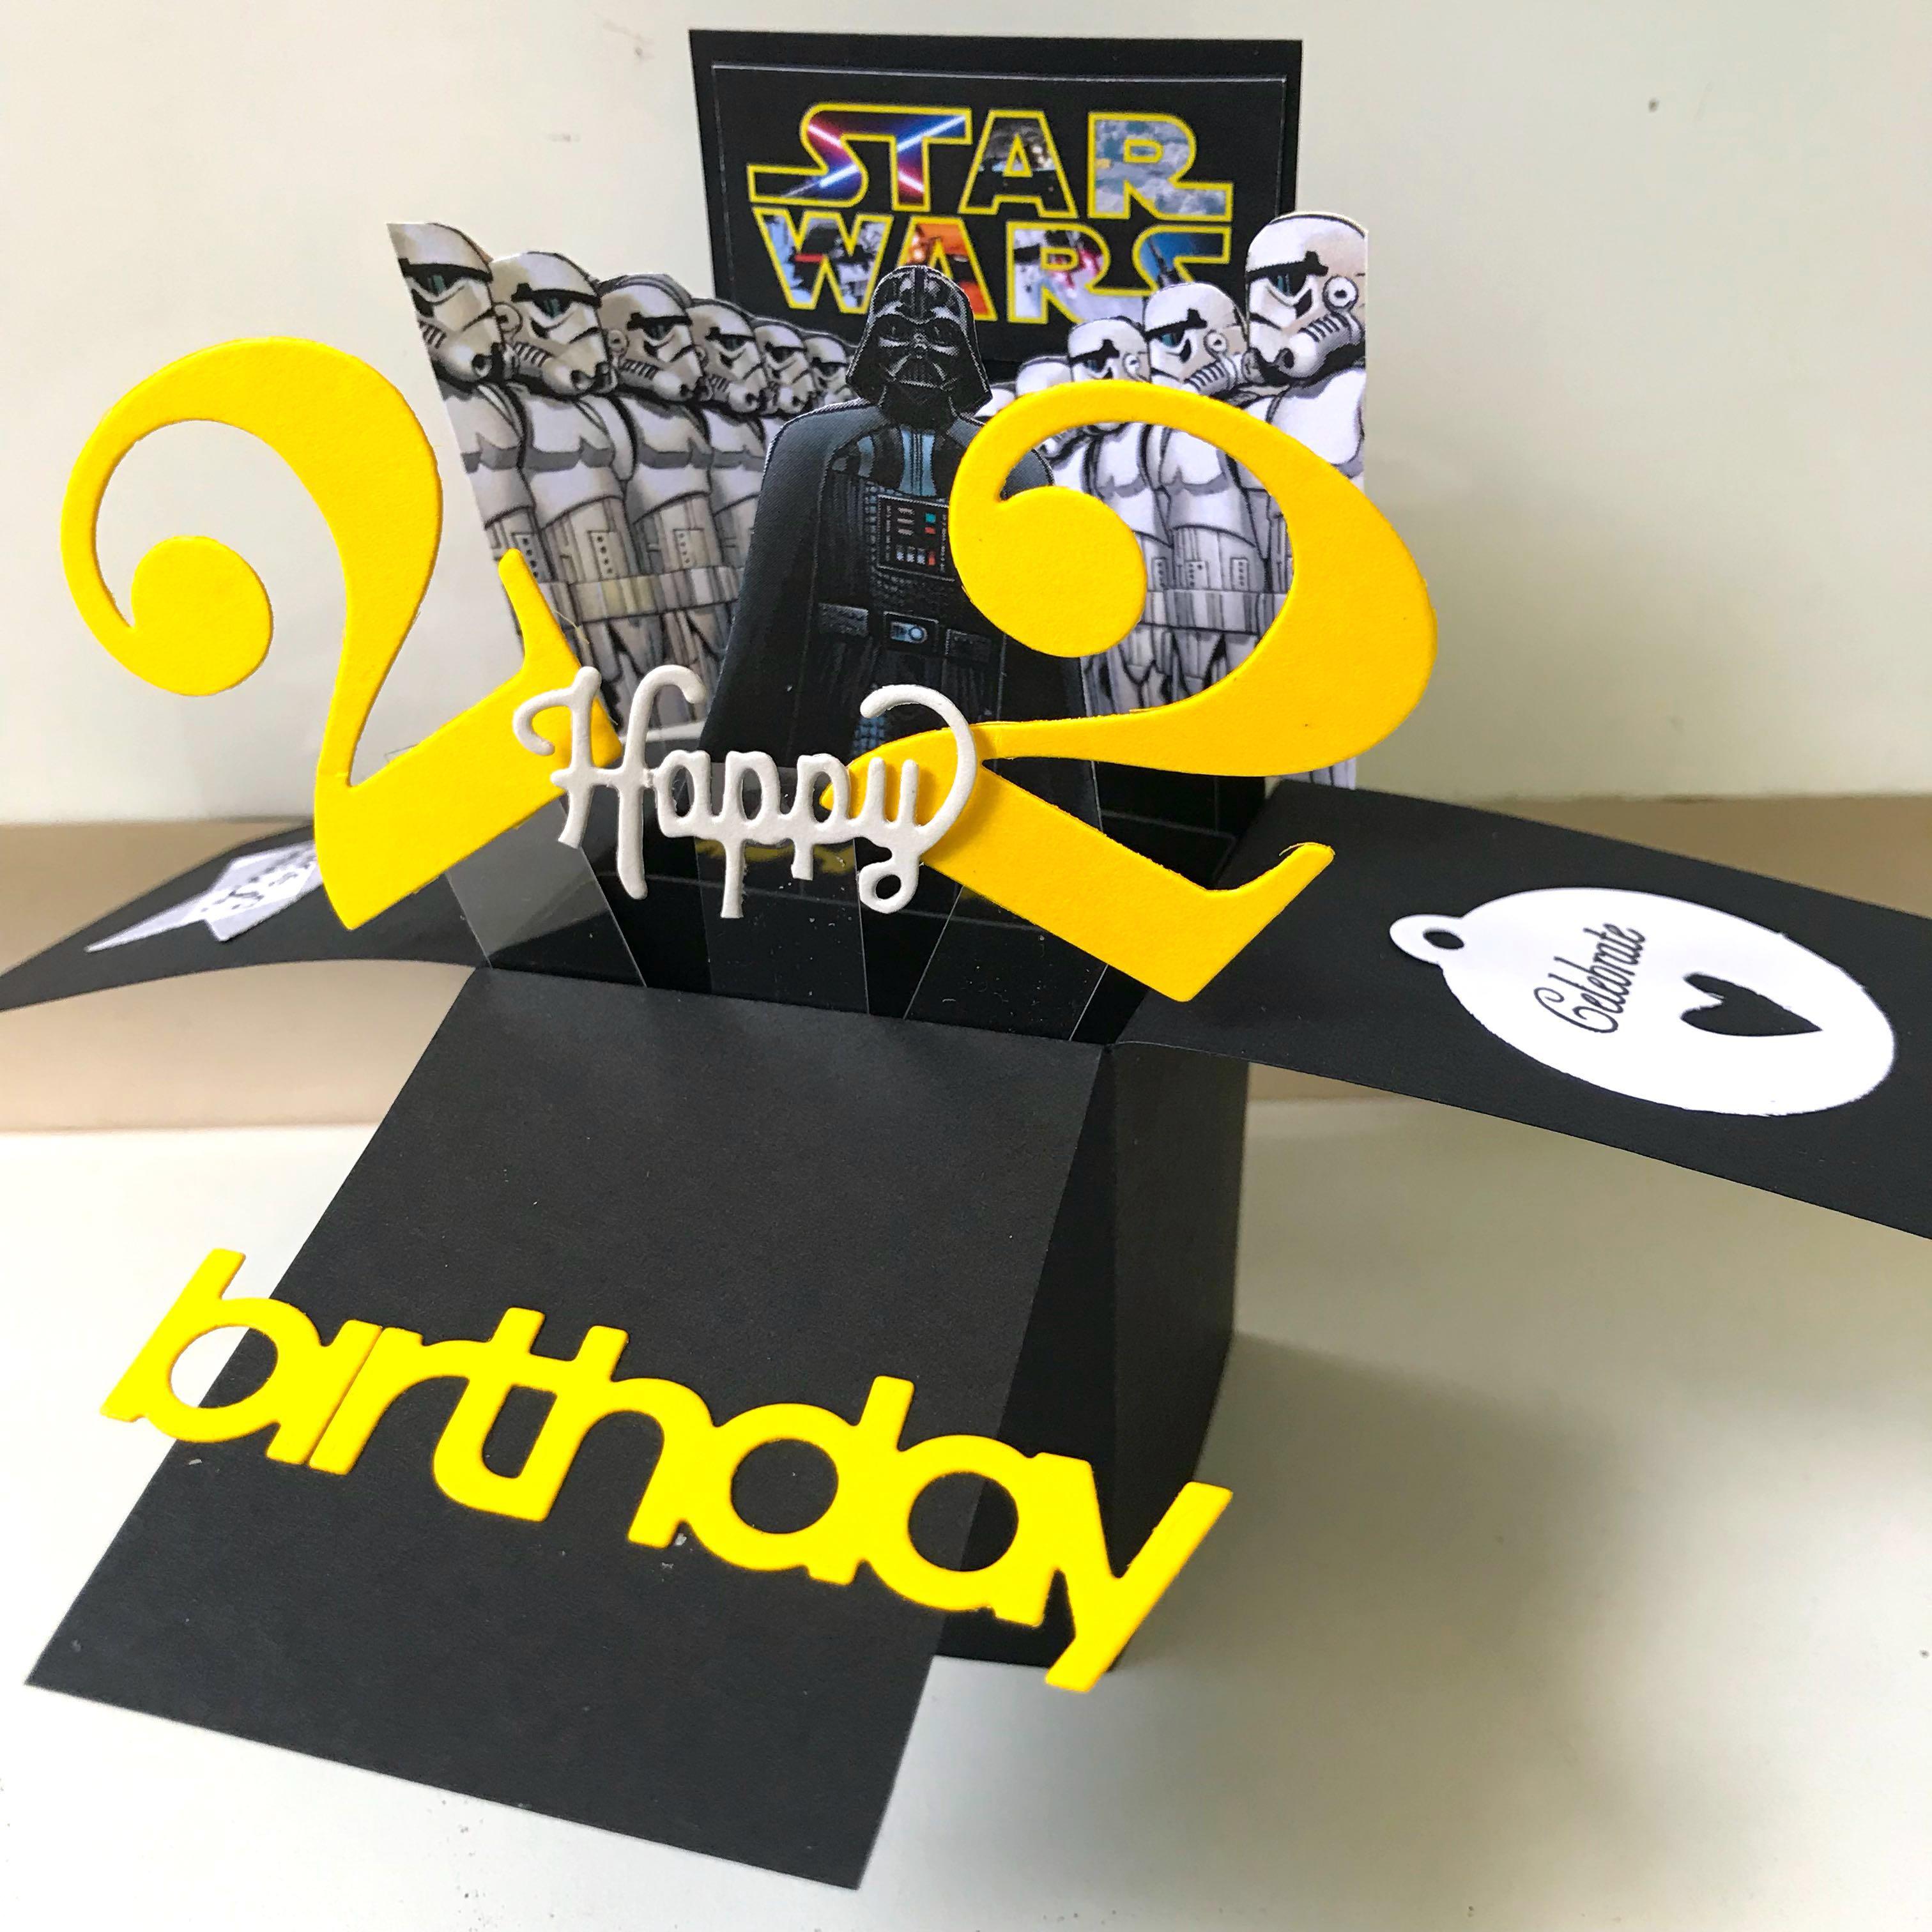 Happy 22 Birthday Pop Up Card Starwar Theme Design Craft